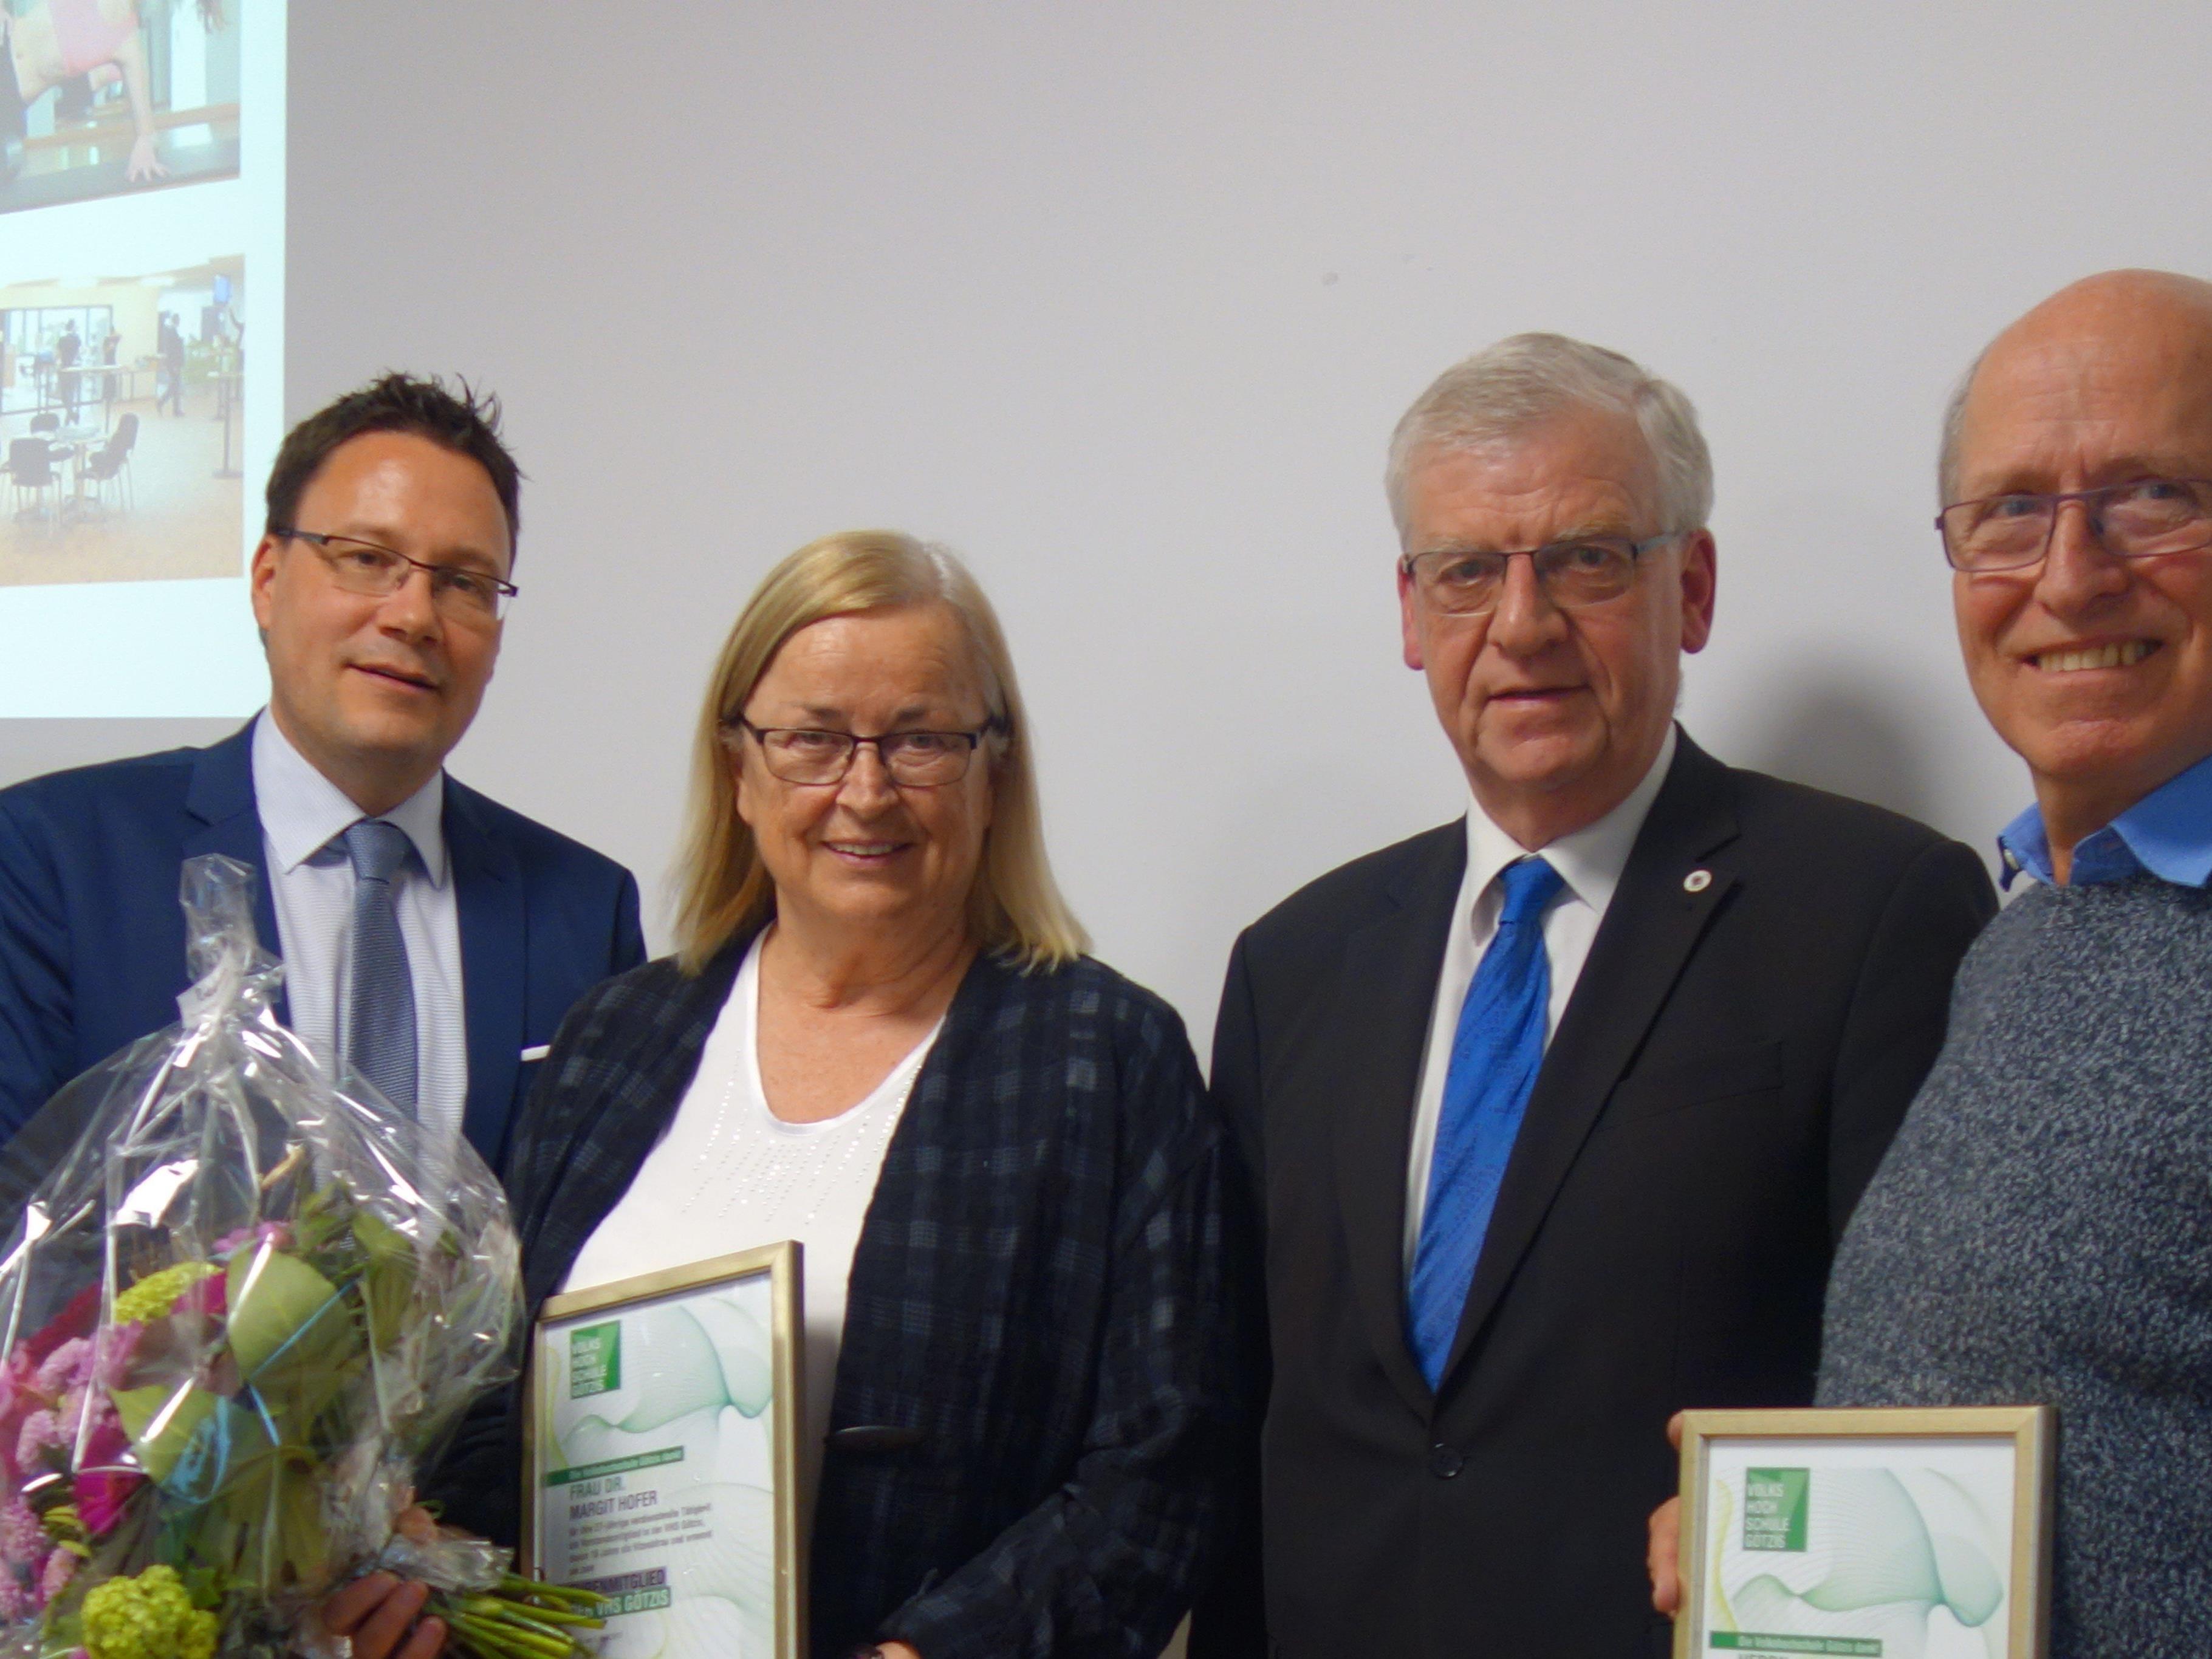 Vorsitzender Türtscher und GF Fischnaller ehren die neuen Ehrenmitglieder Margit Hofer und Christoph Steininger